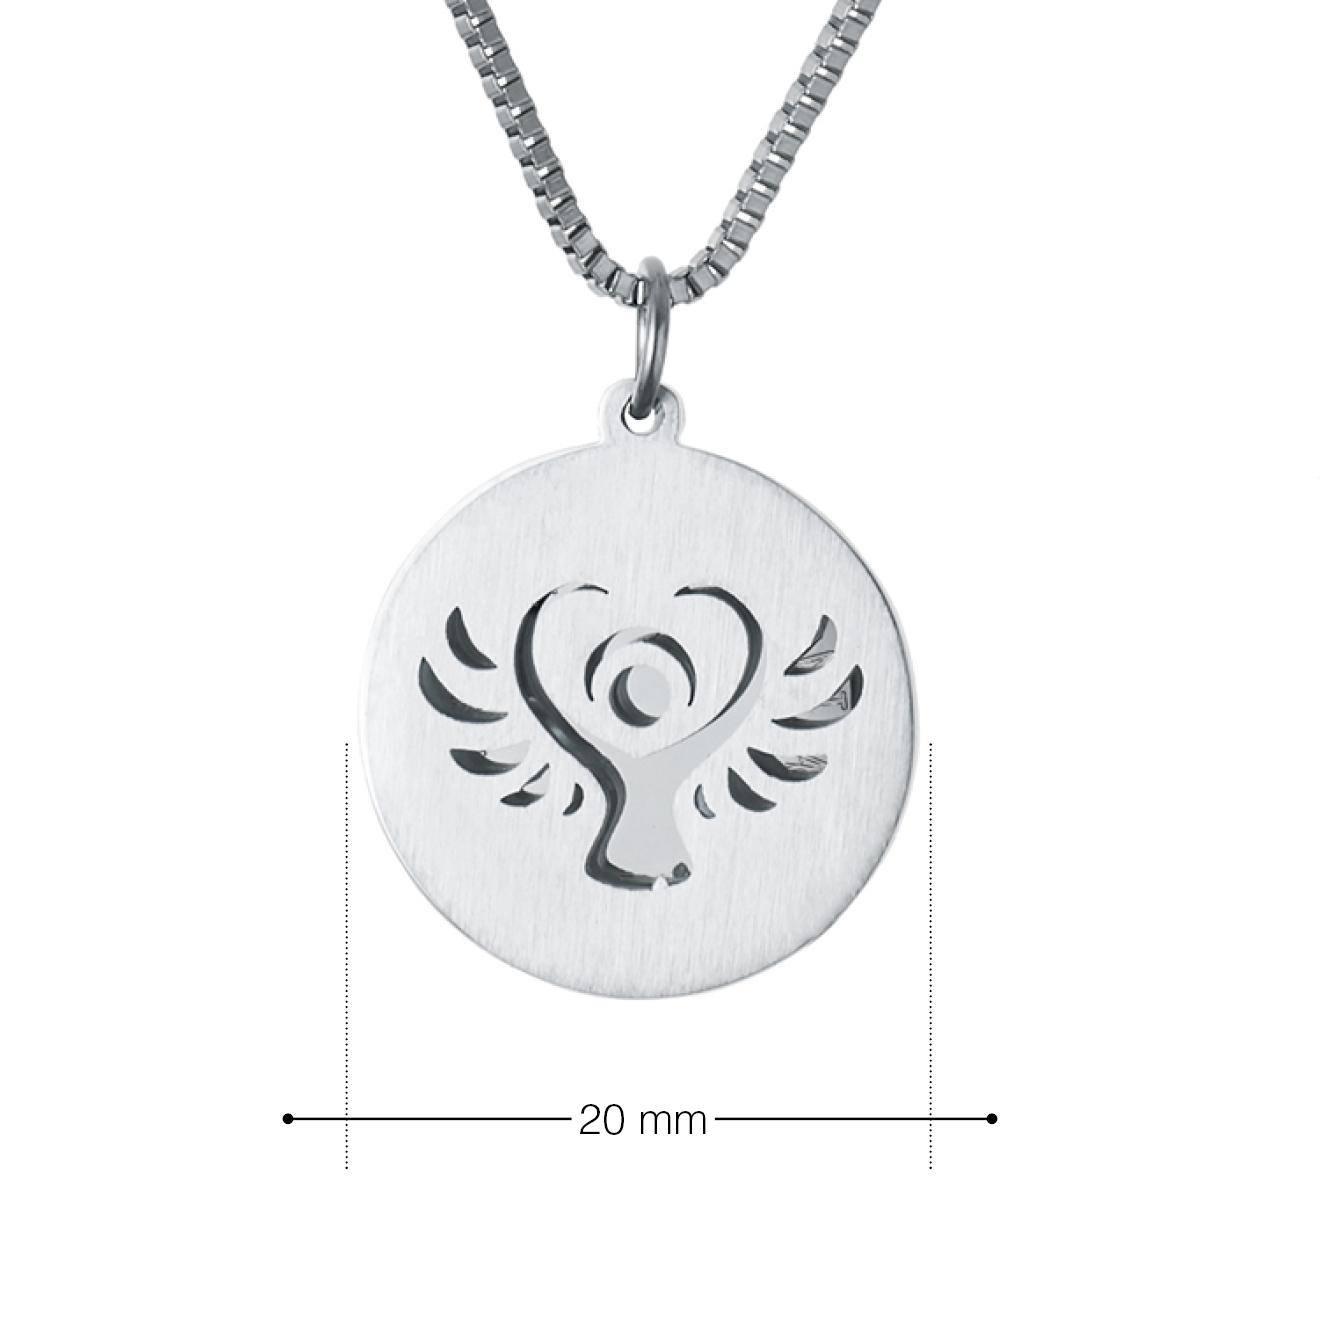 Halskette mit Gravur - Schutzengel und Namen - Silber - Personalisiert